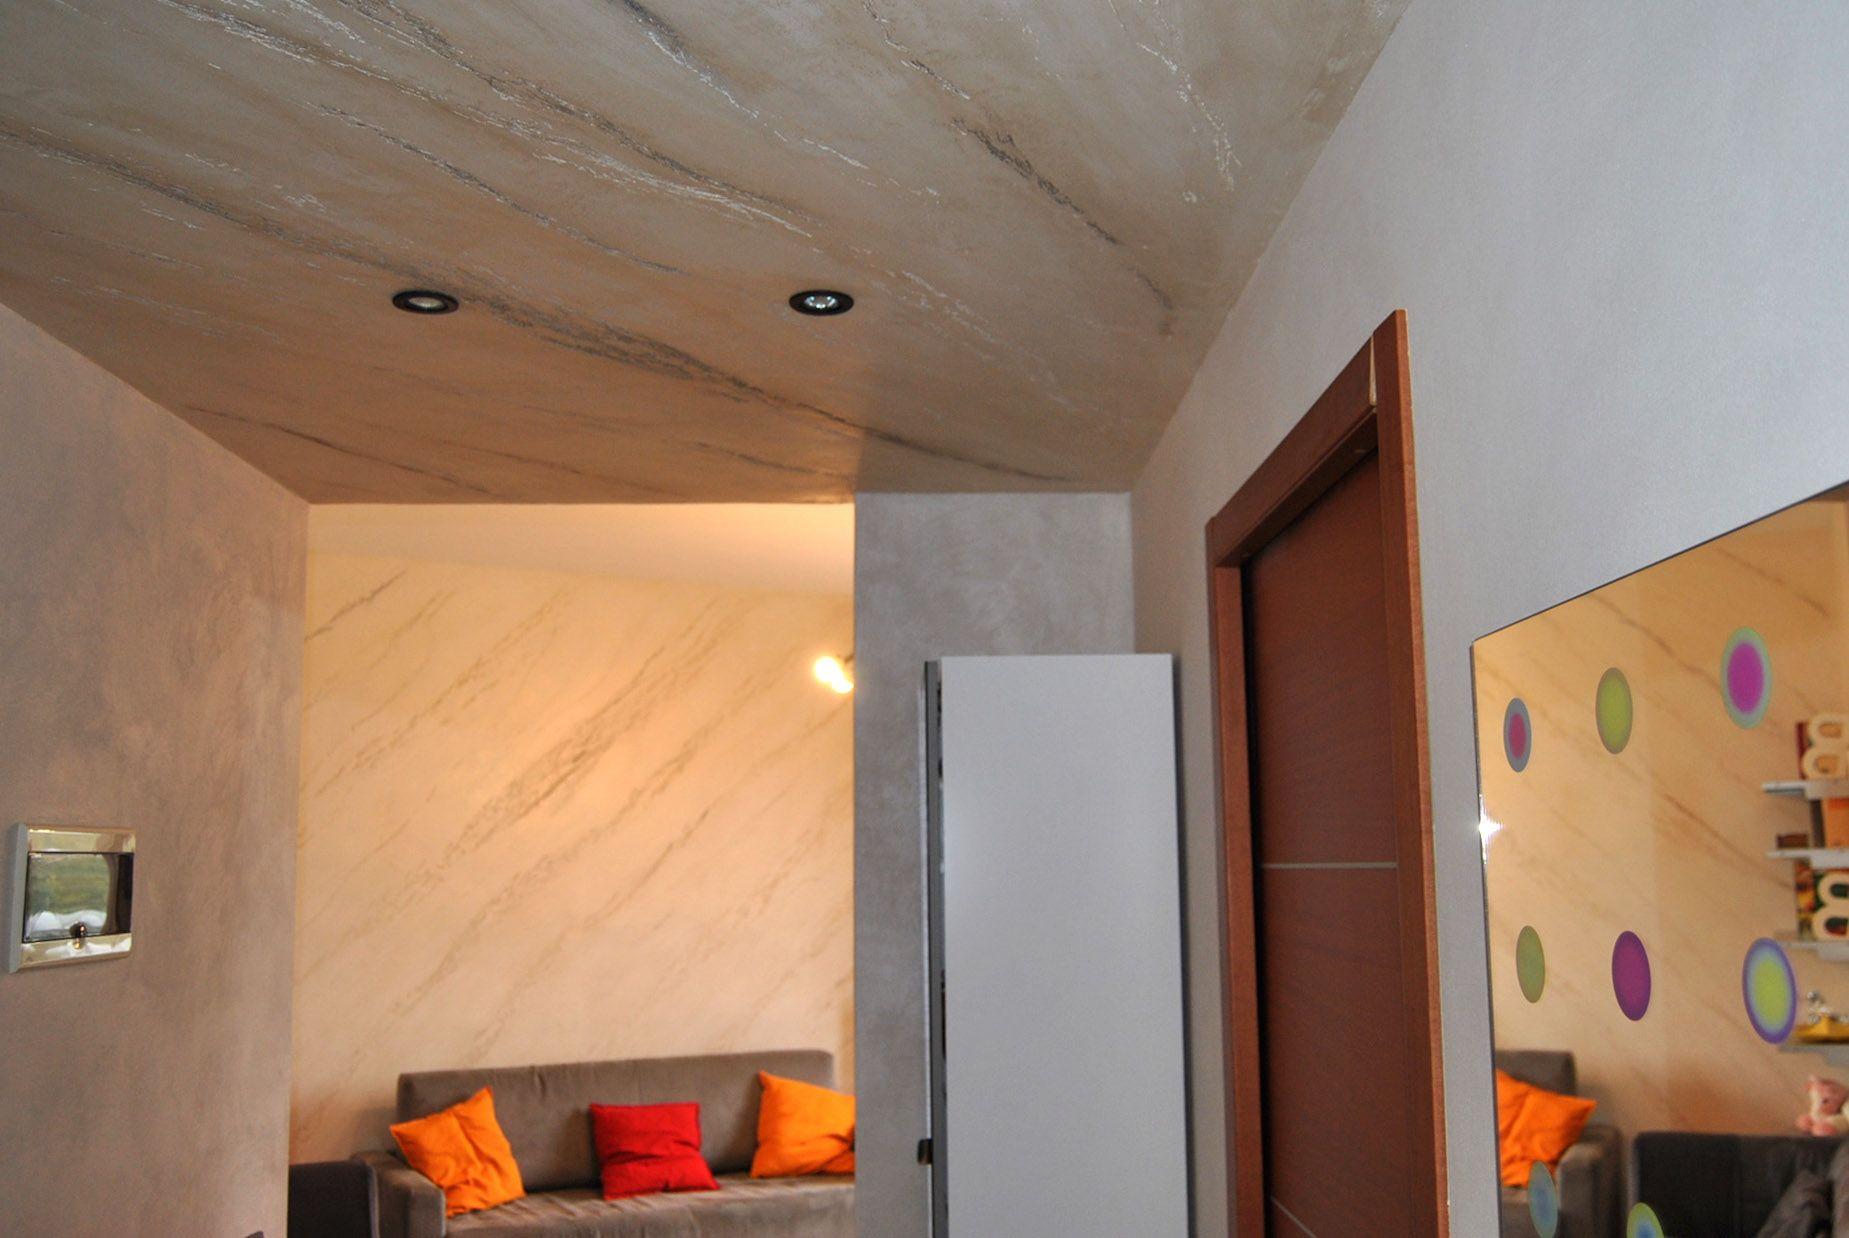 Istinto pietra spaccata a soffitto per dare classe ed eleganza